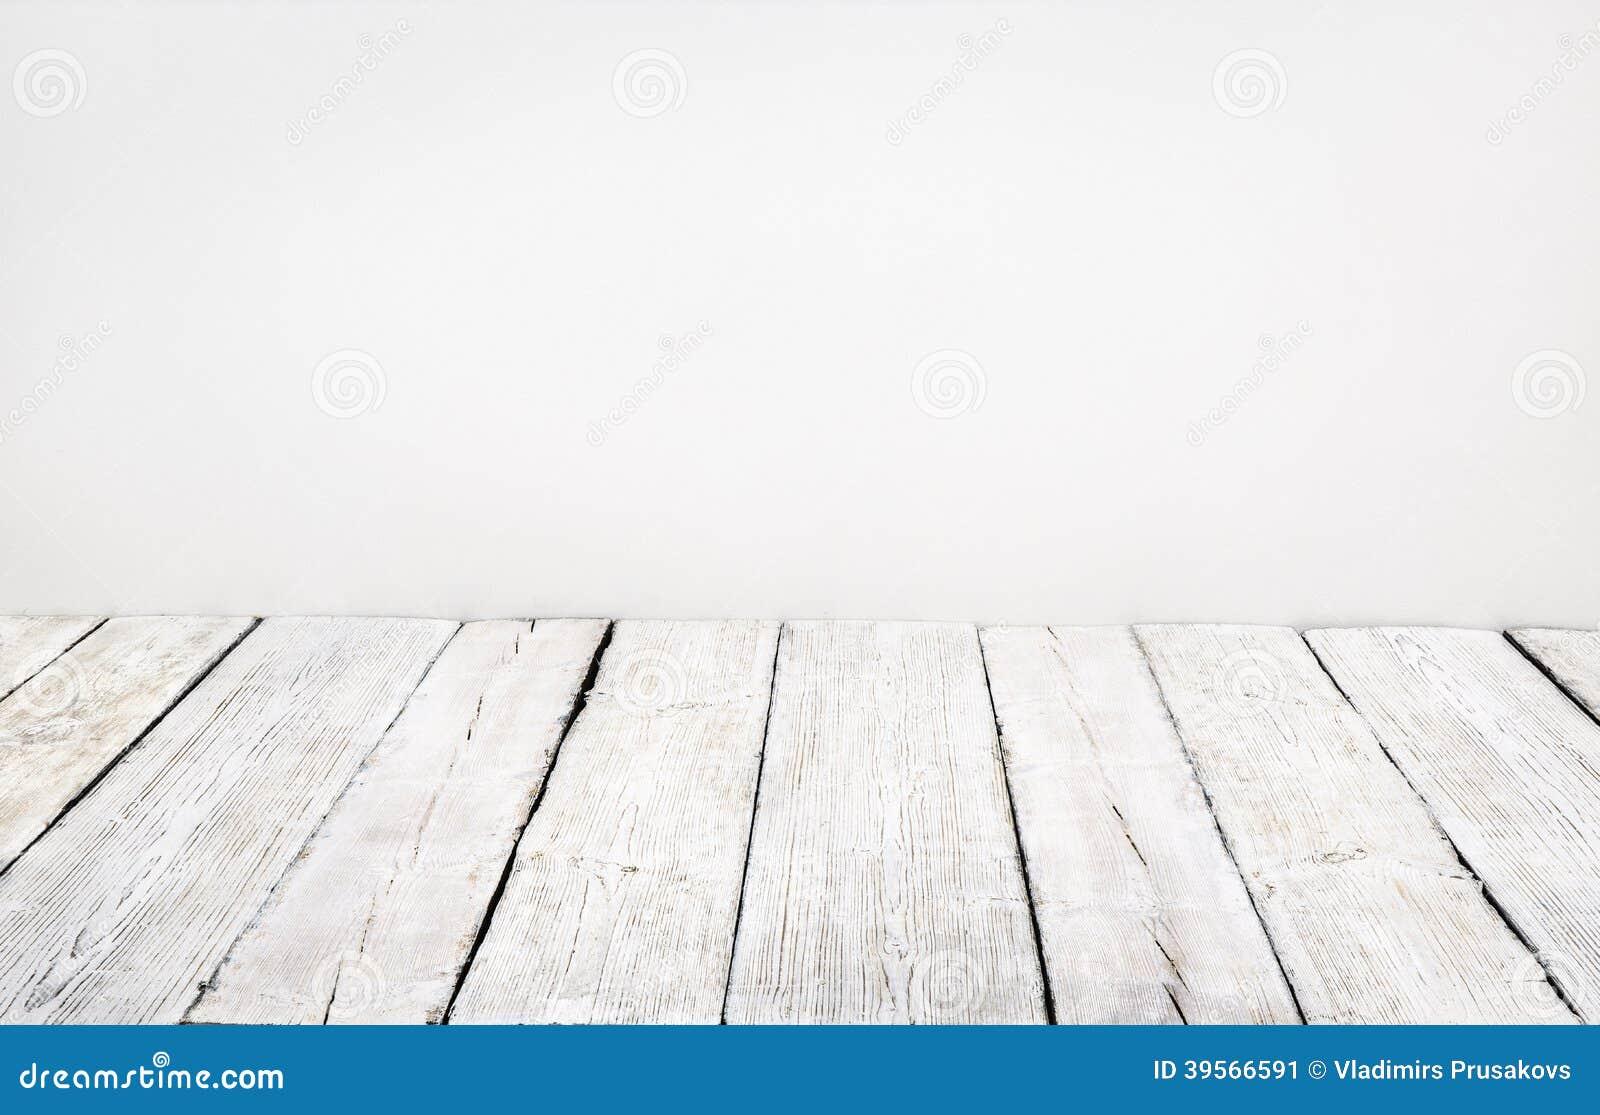 Piso de madera, tablón de madera viejo, interior blanco de la sala de juntas